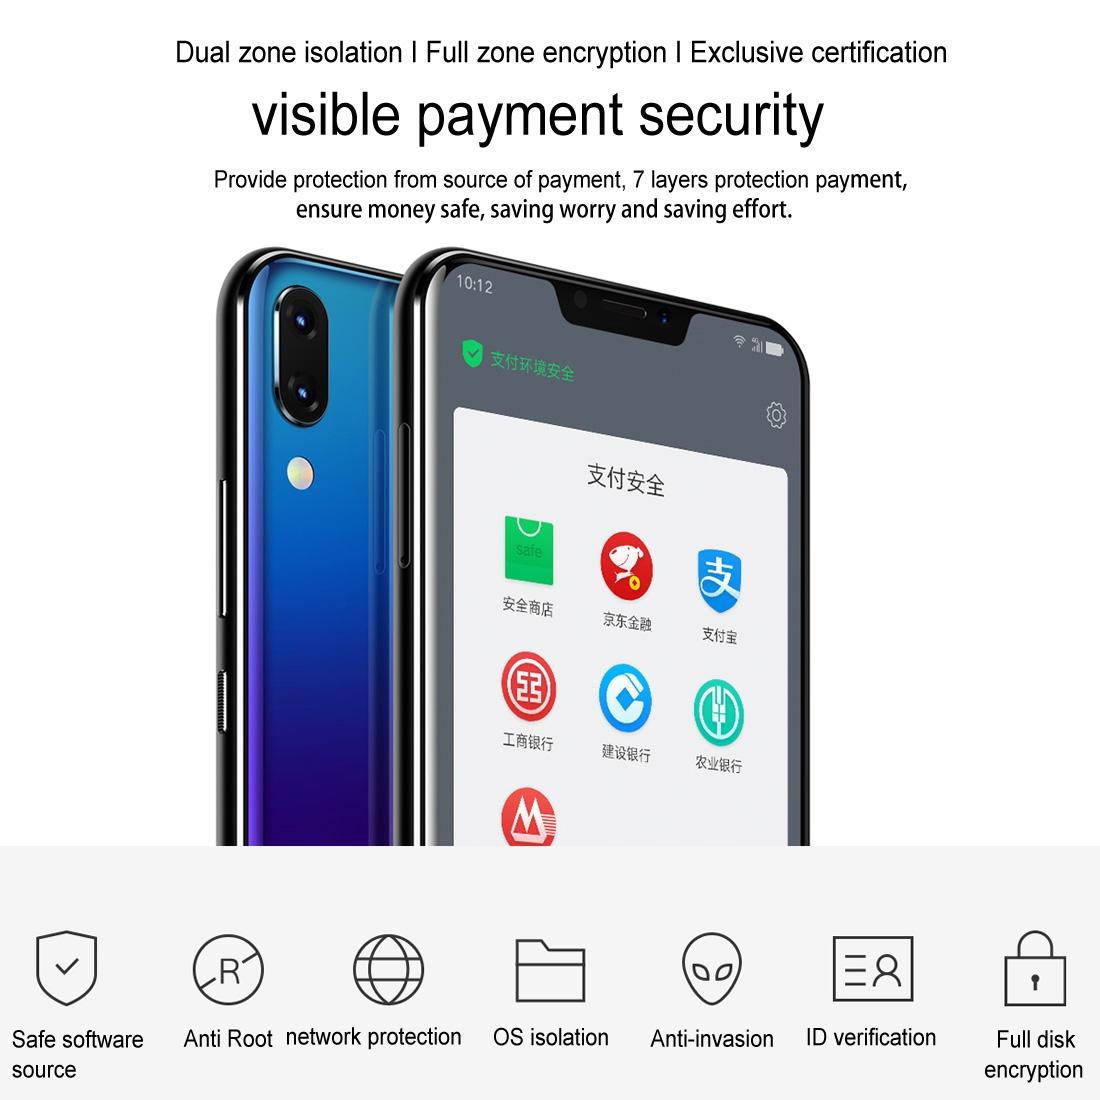 i.ibb.co/Smx03mD/Smartphone-6-GB-64-GB-Lenovo-Z5-16.jpg